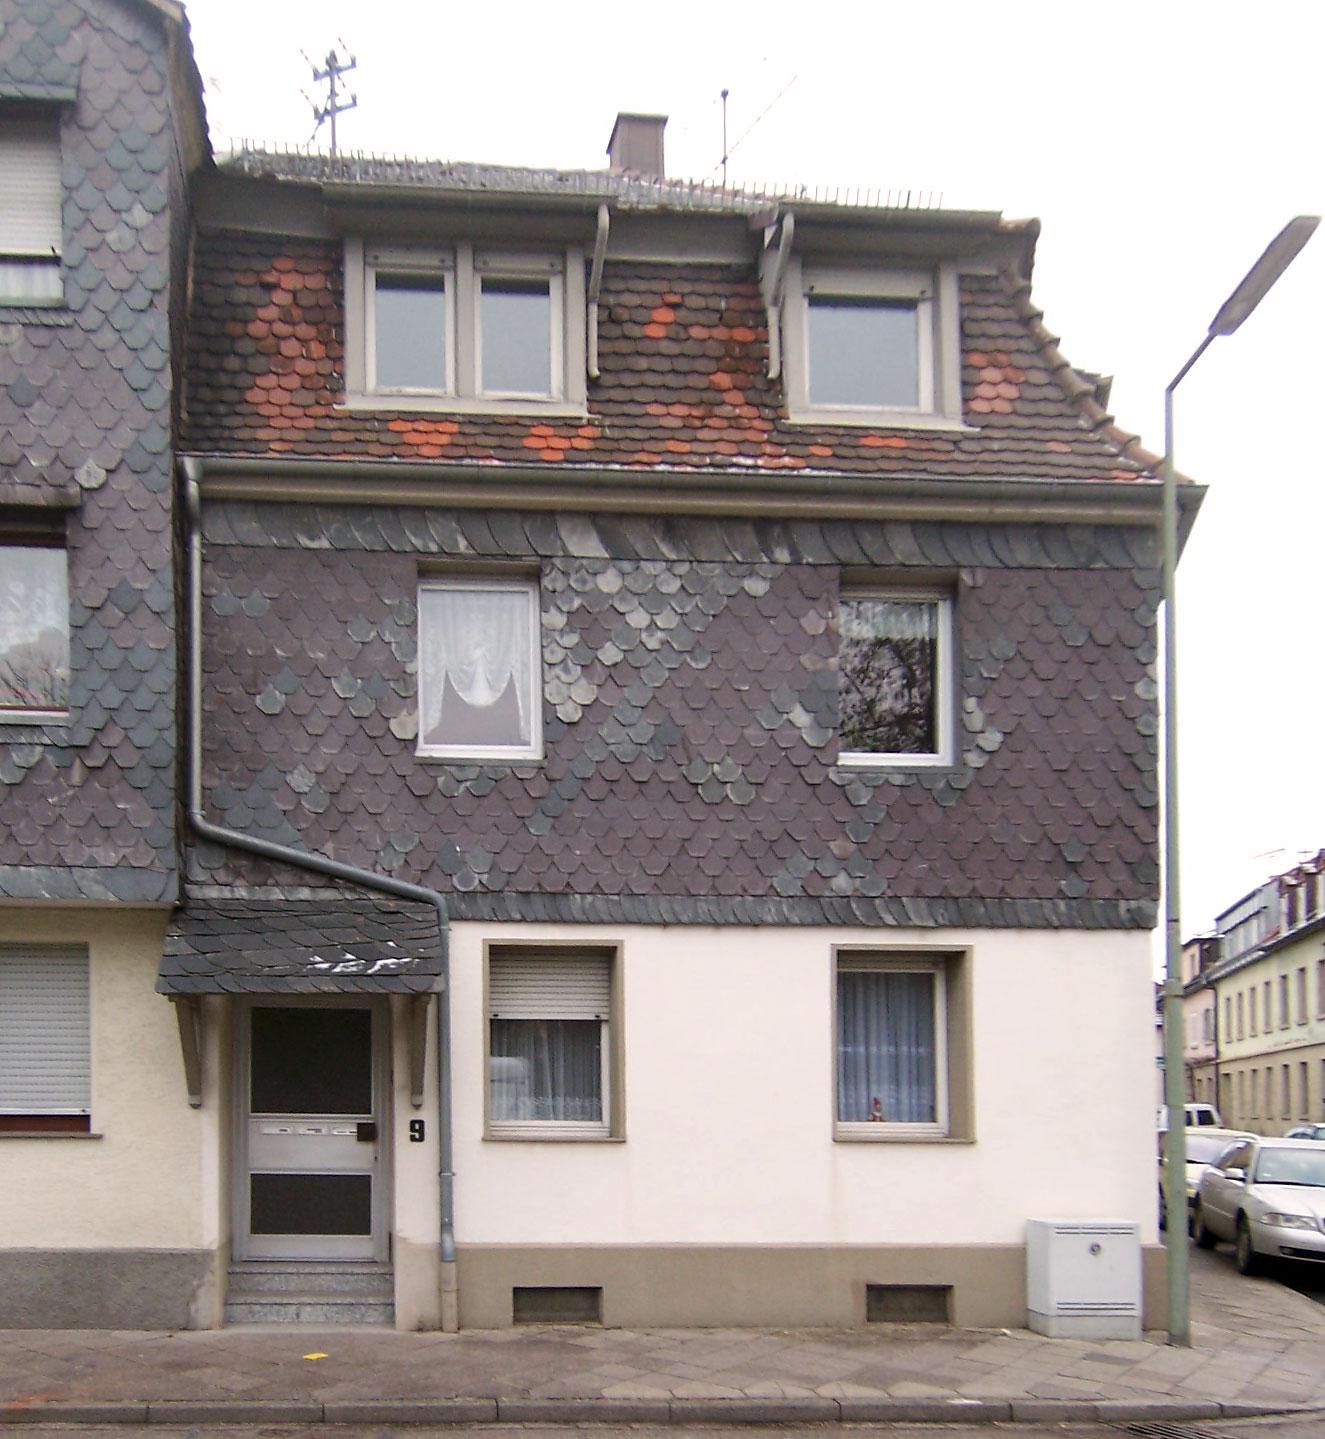 Altbau Fassadenansicht vor Modernisierung